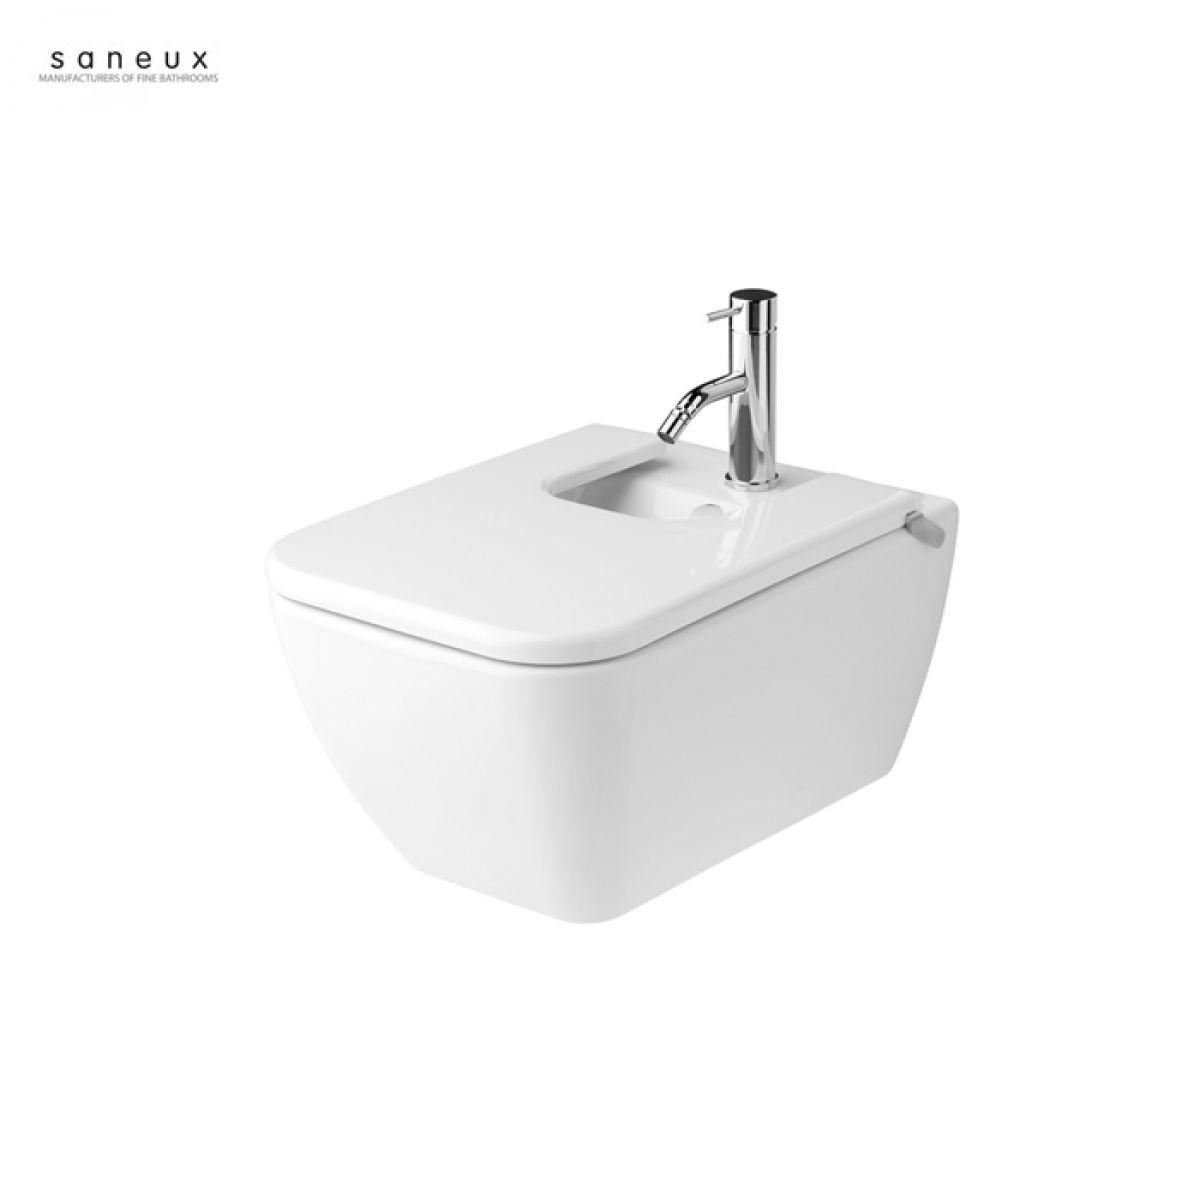 Saneux Project Wall Hung Bidet : UK Bathrooms